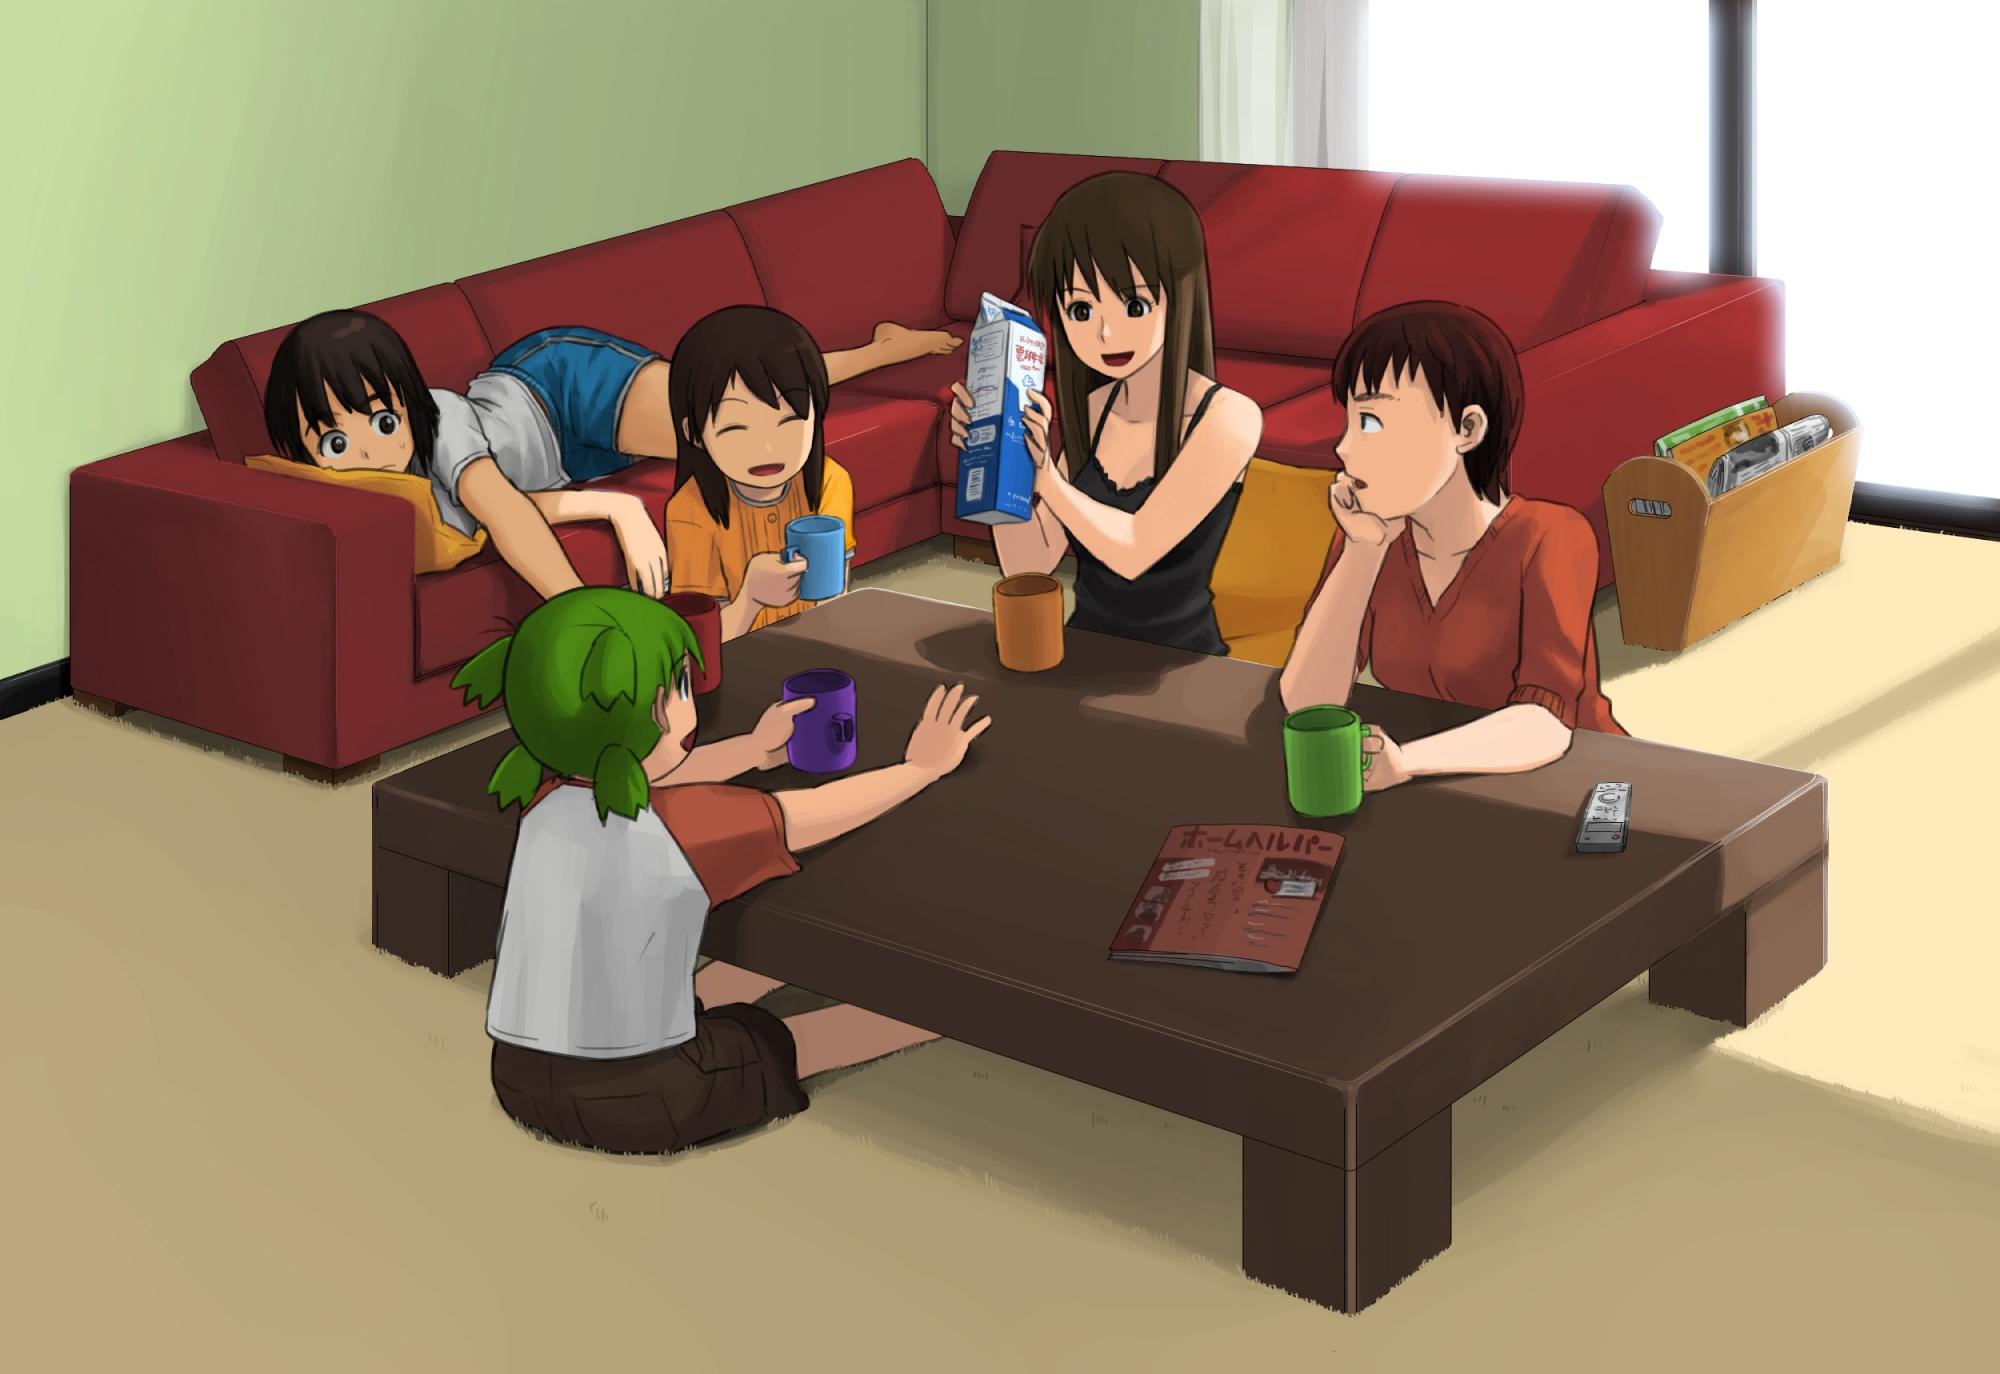 ayase_asagi ayase_ena ayase_fuuka group koiwai_yotsuba tagme_(character) yotsubato!